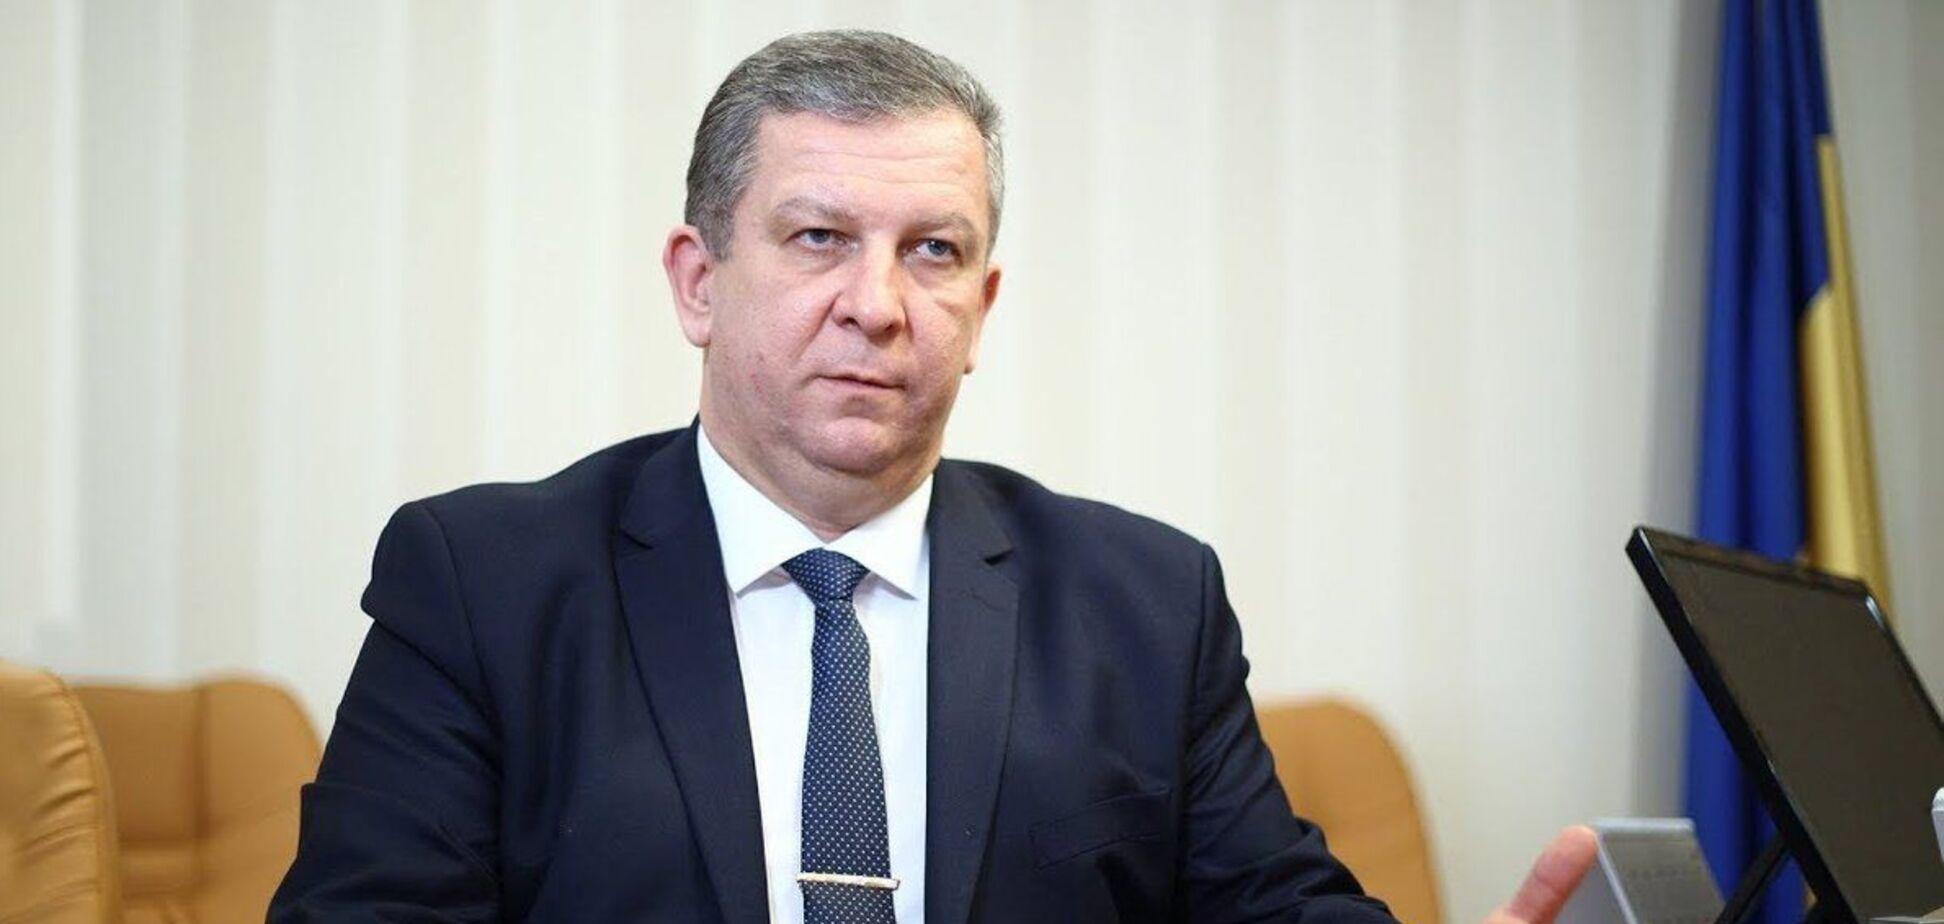 Ексміністр Рева озвучив справжній рівень безробіття в Україні